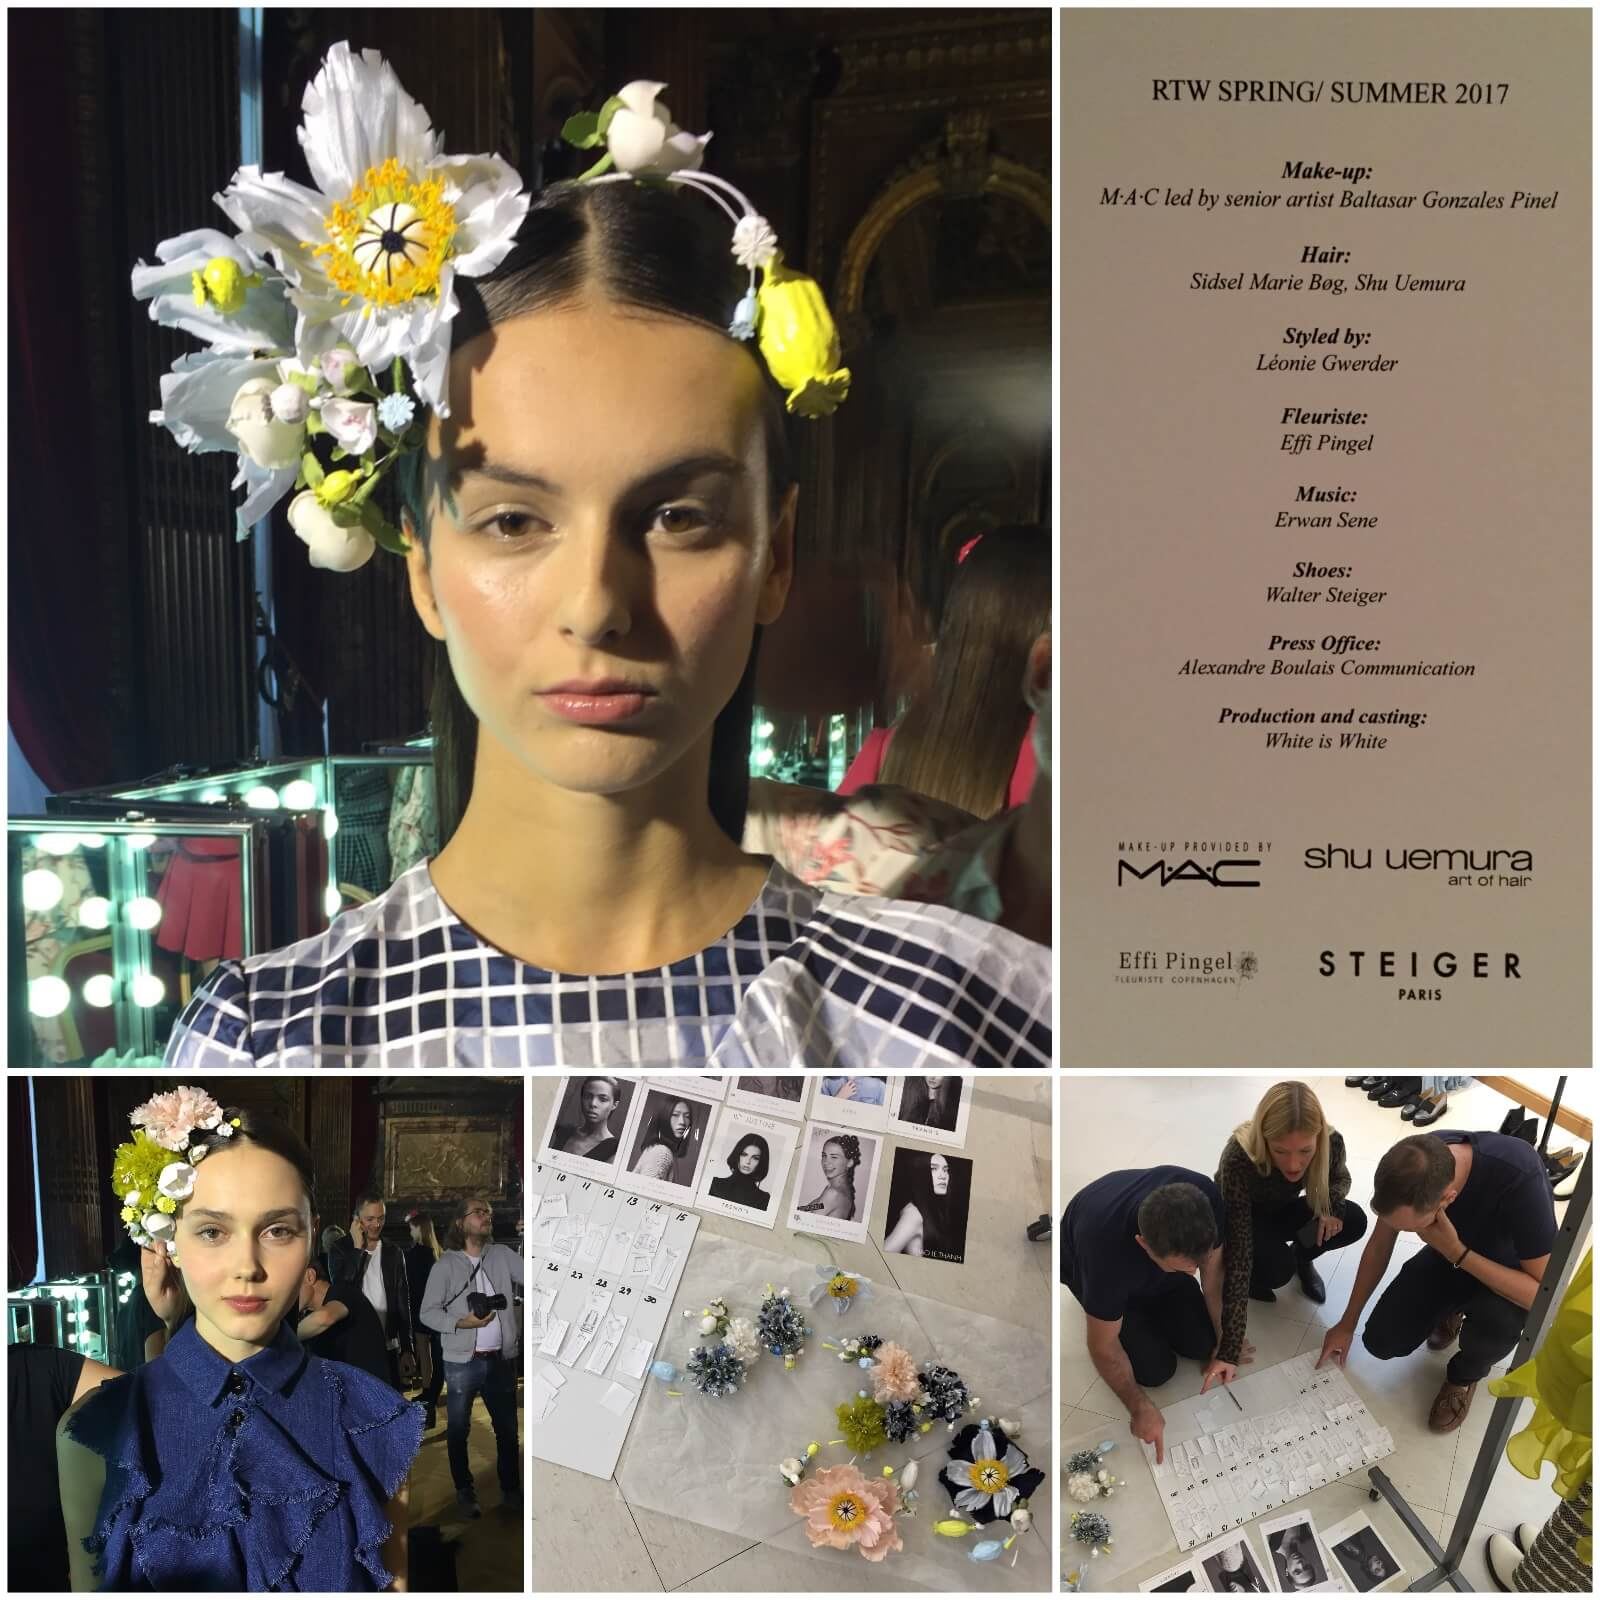 OleYde-FashionShow-EffiPingel-003